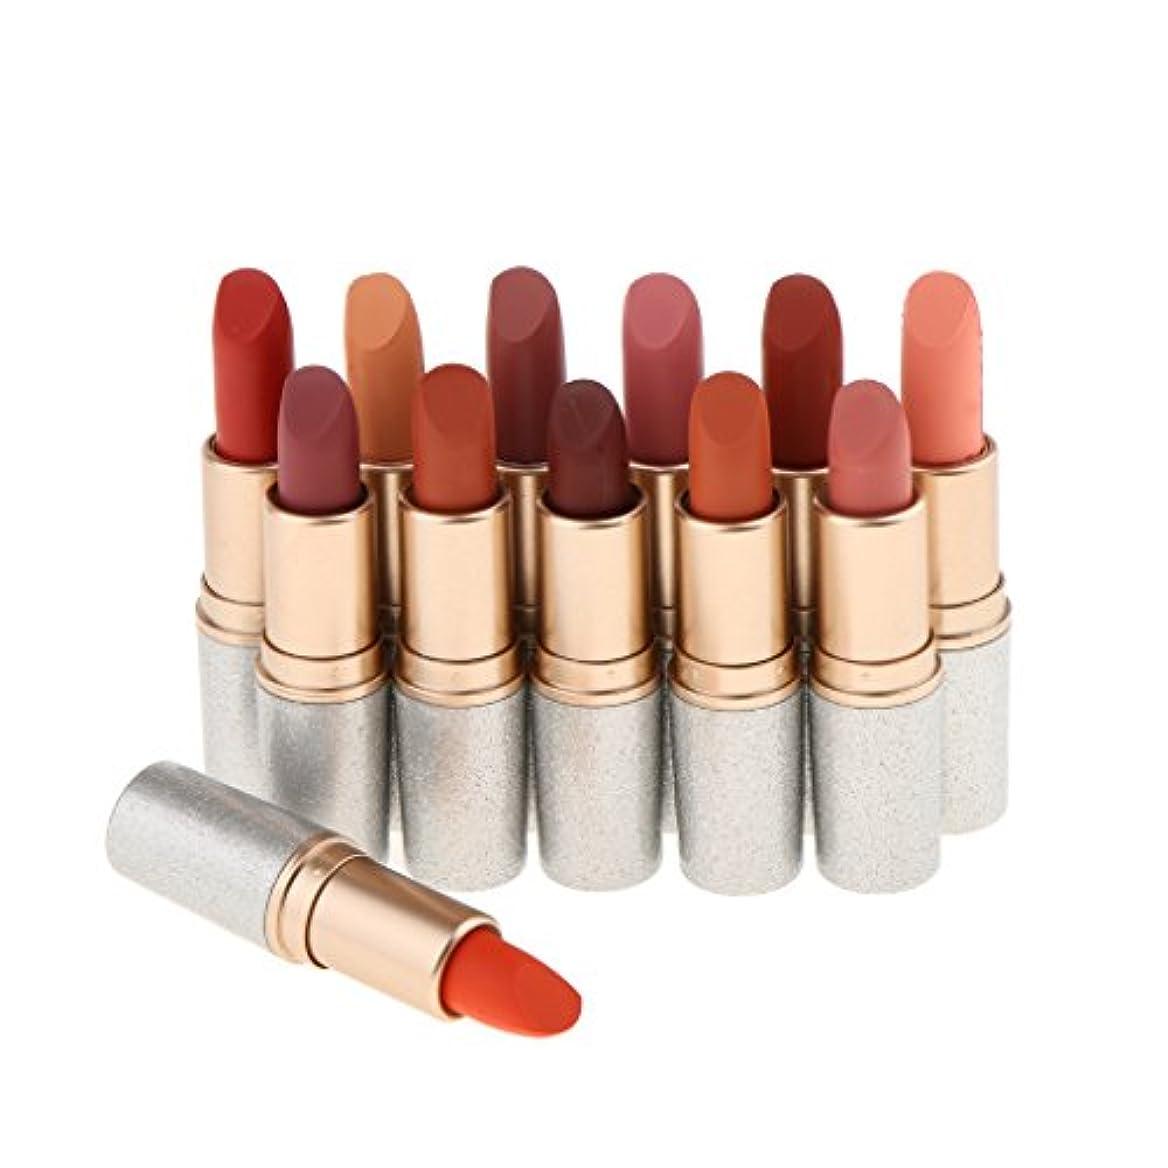 花火どちらかペネロペベルベットマット 口紅 マット リップスティック 化粧品 12色